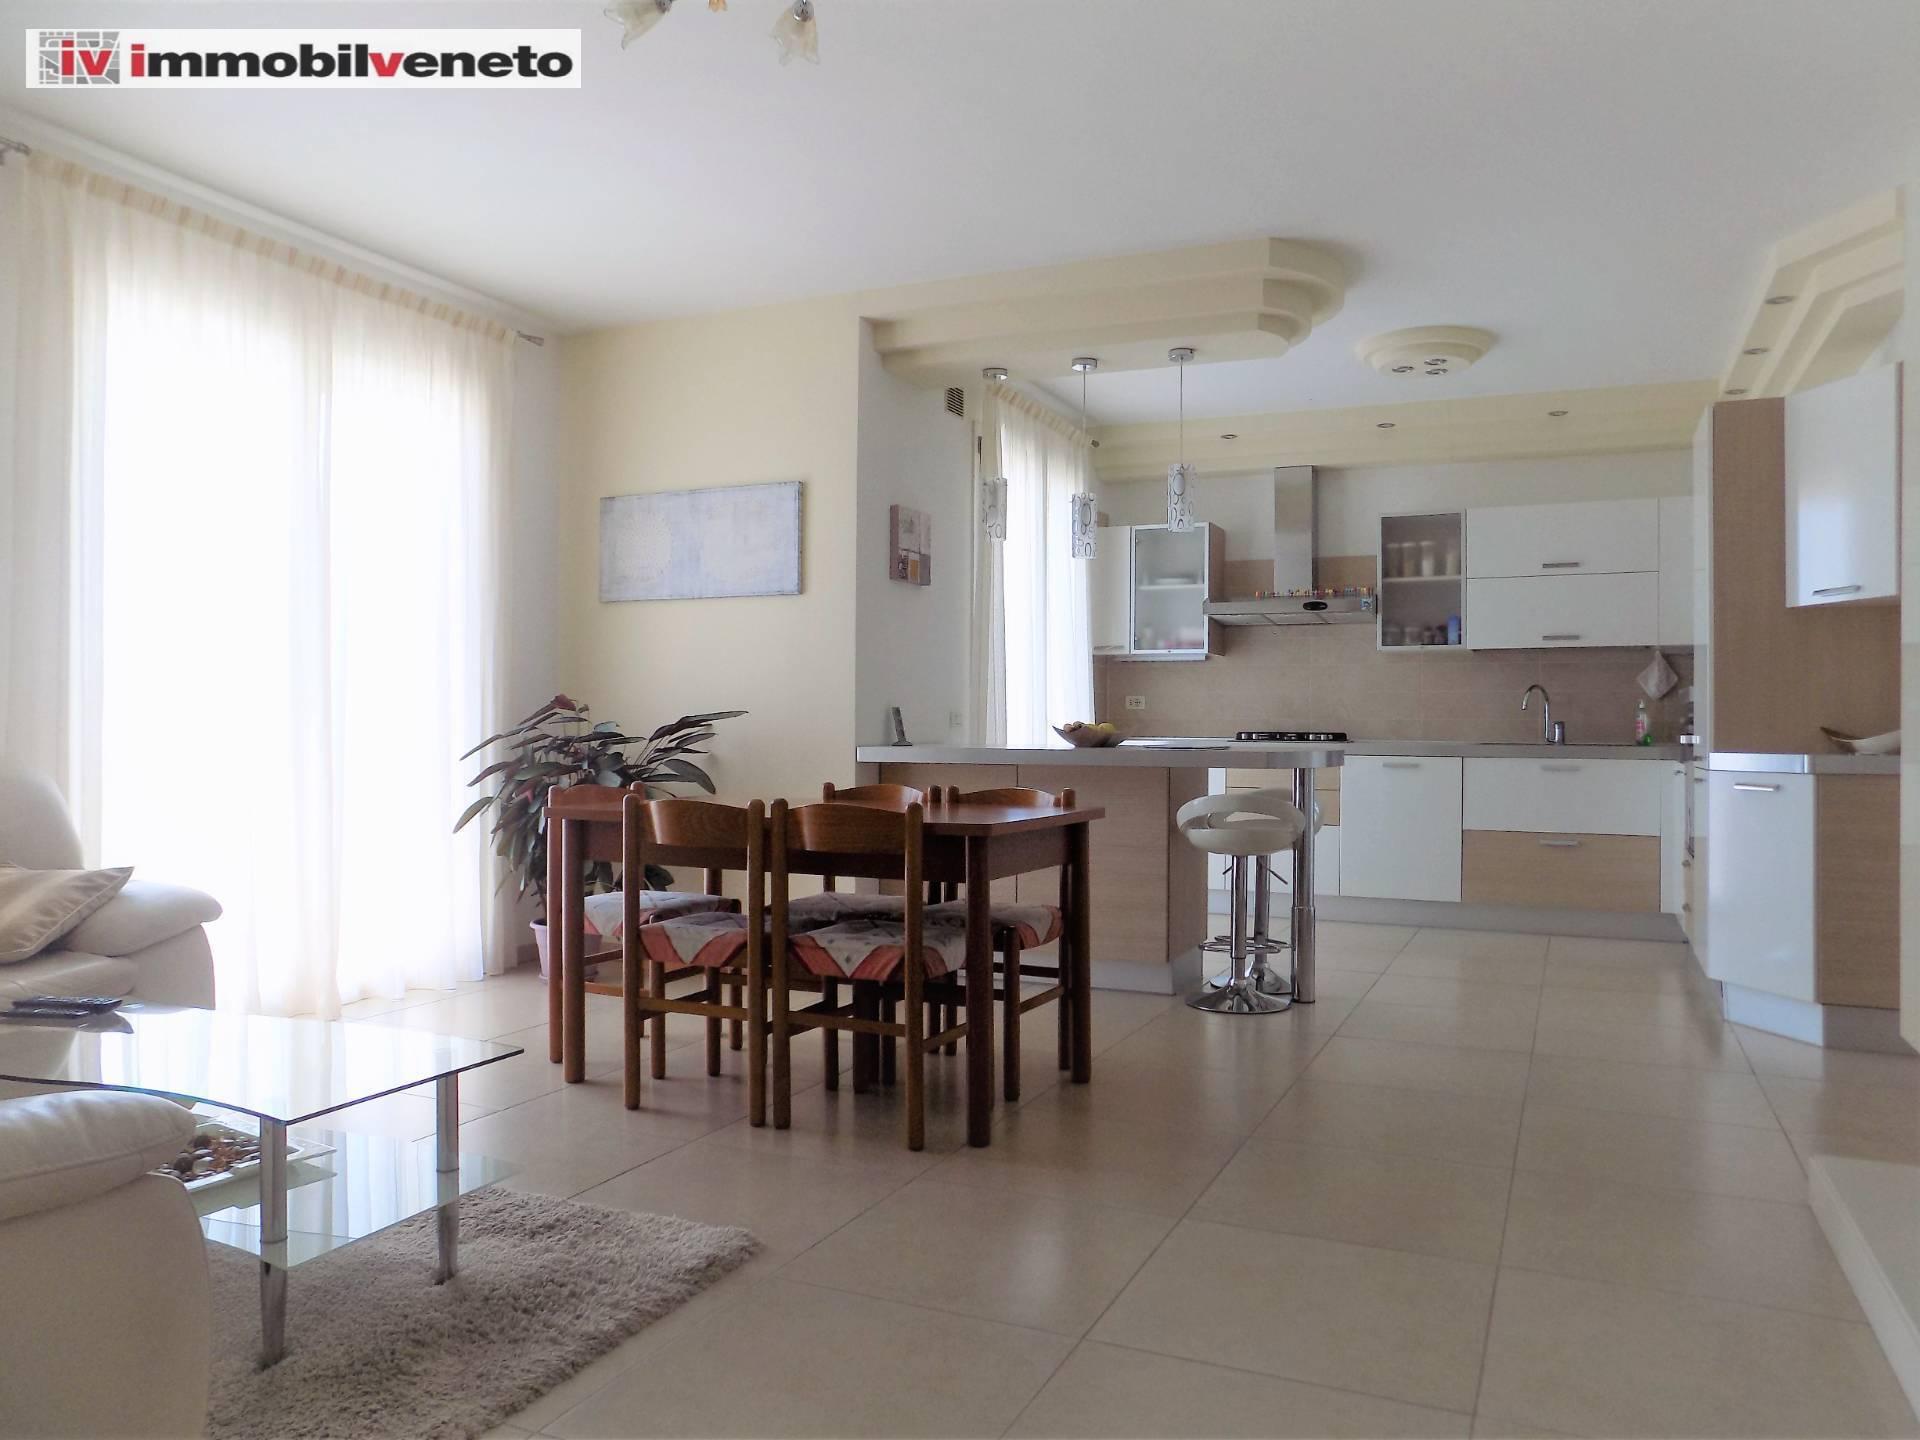 Appartamento in vendita a Sarego, 5 locali, zona Zona: Meledo, prezzo € 197.000 | CambioCasa.it